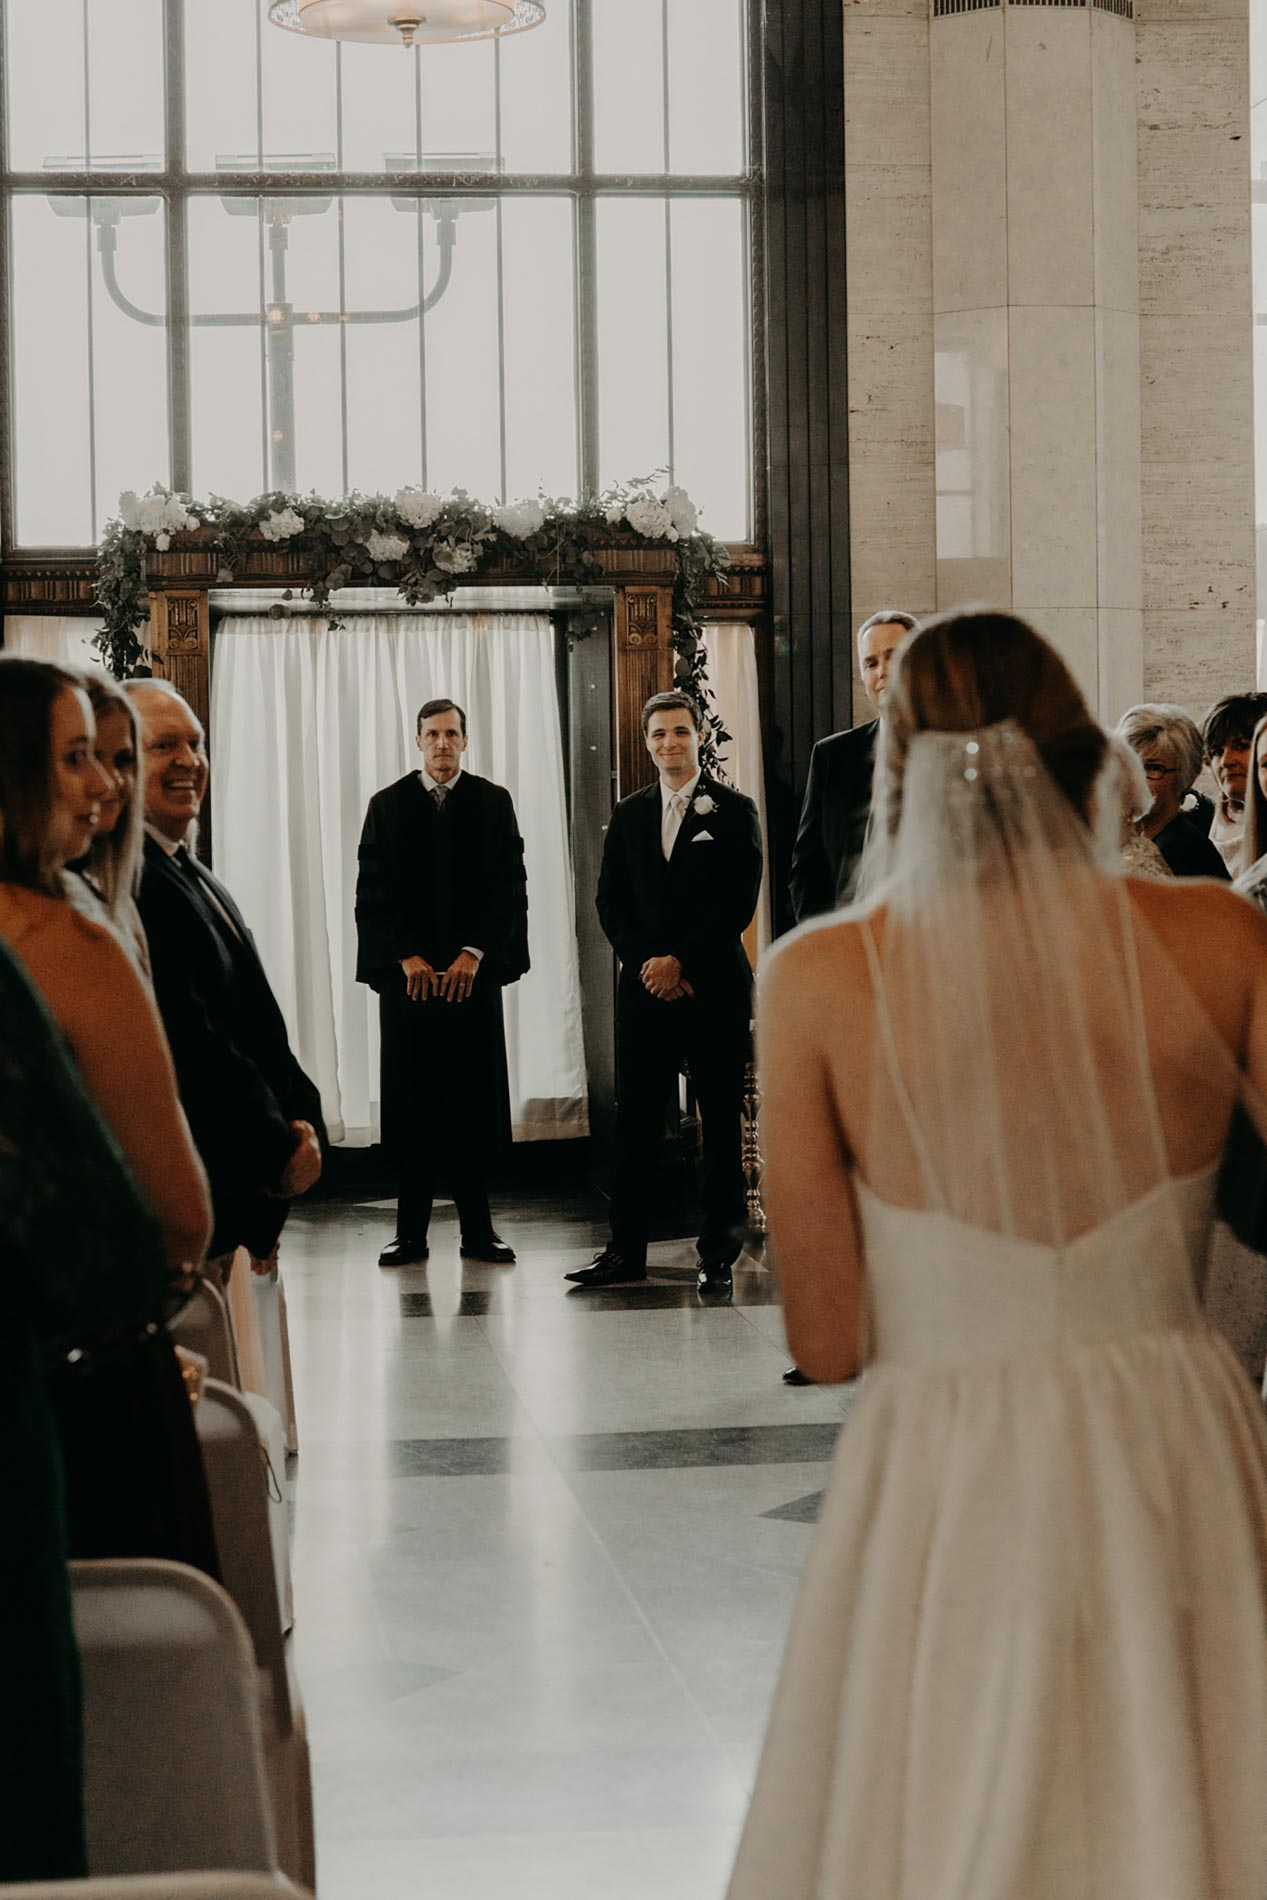 bride walking down aisle to groom